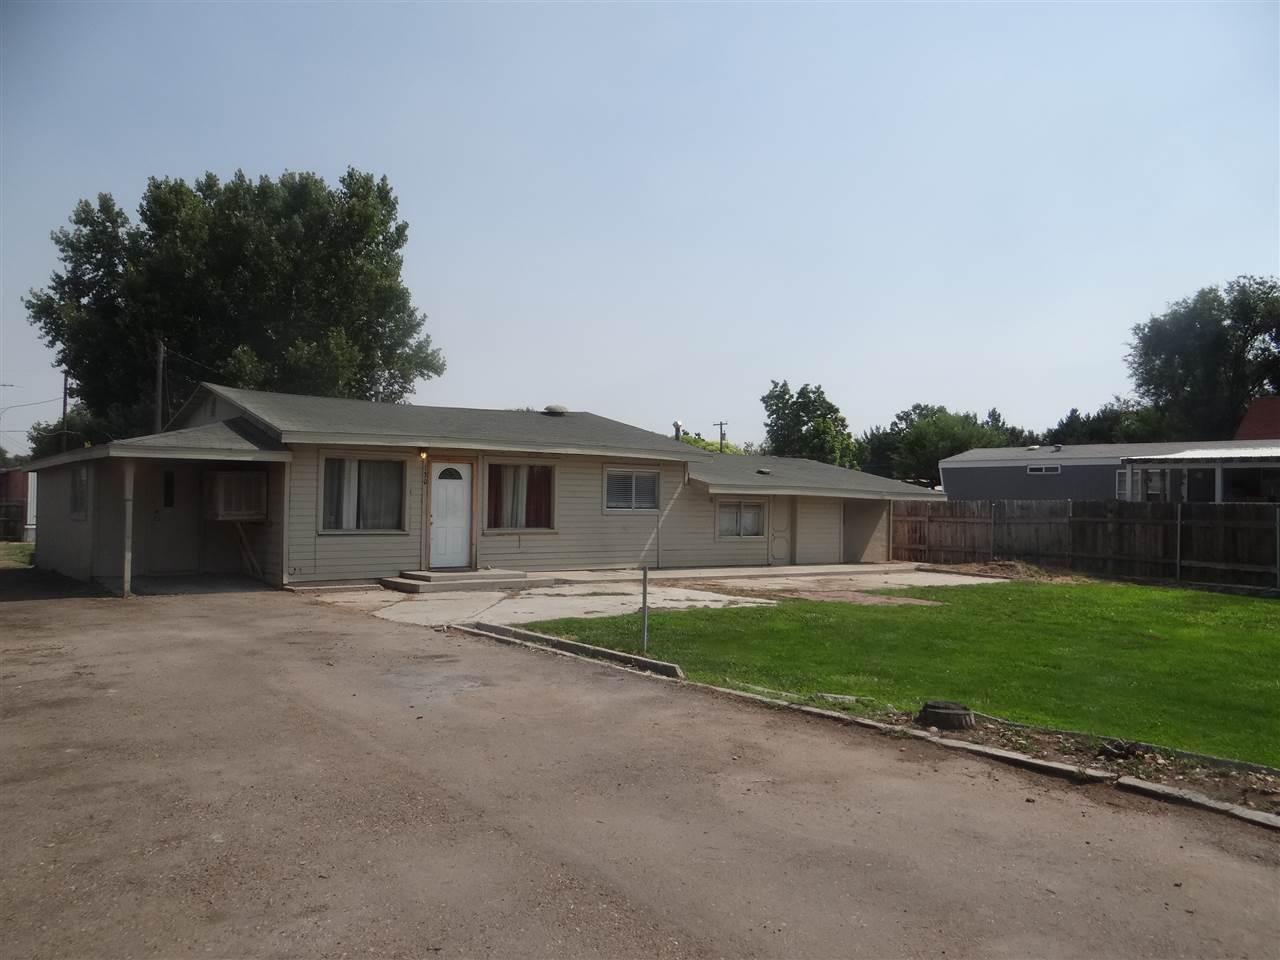 134 N 1st Ave, Nampa, ID 83687